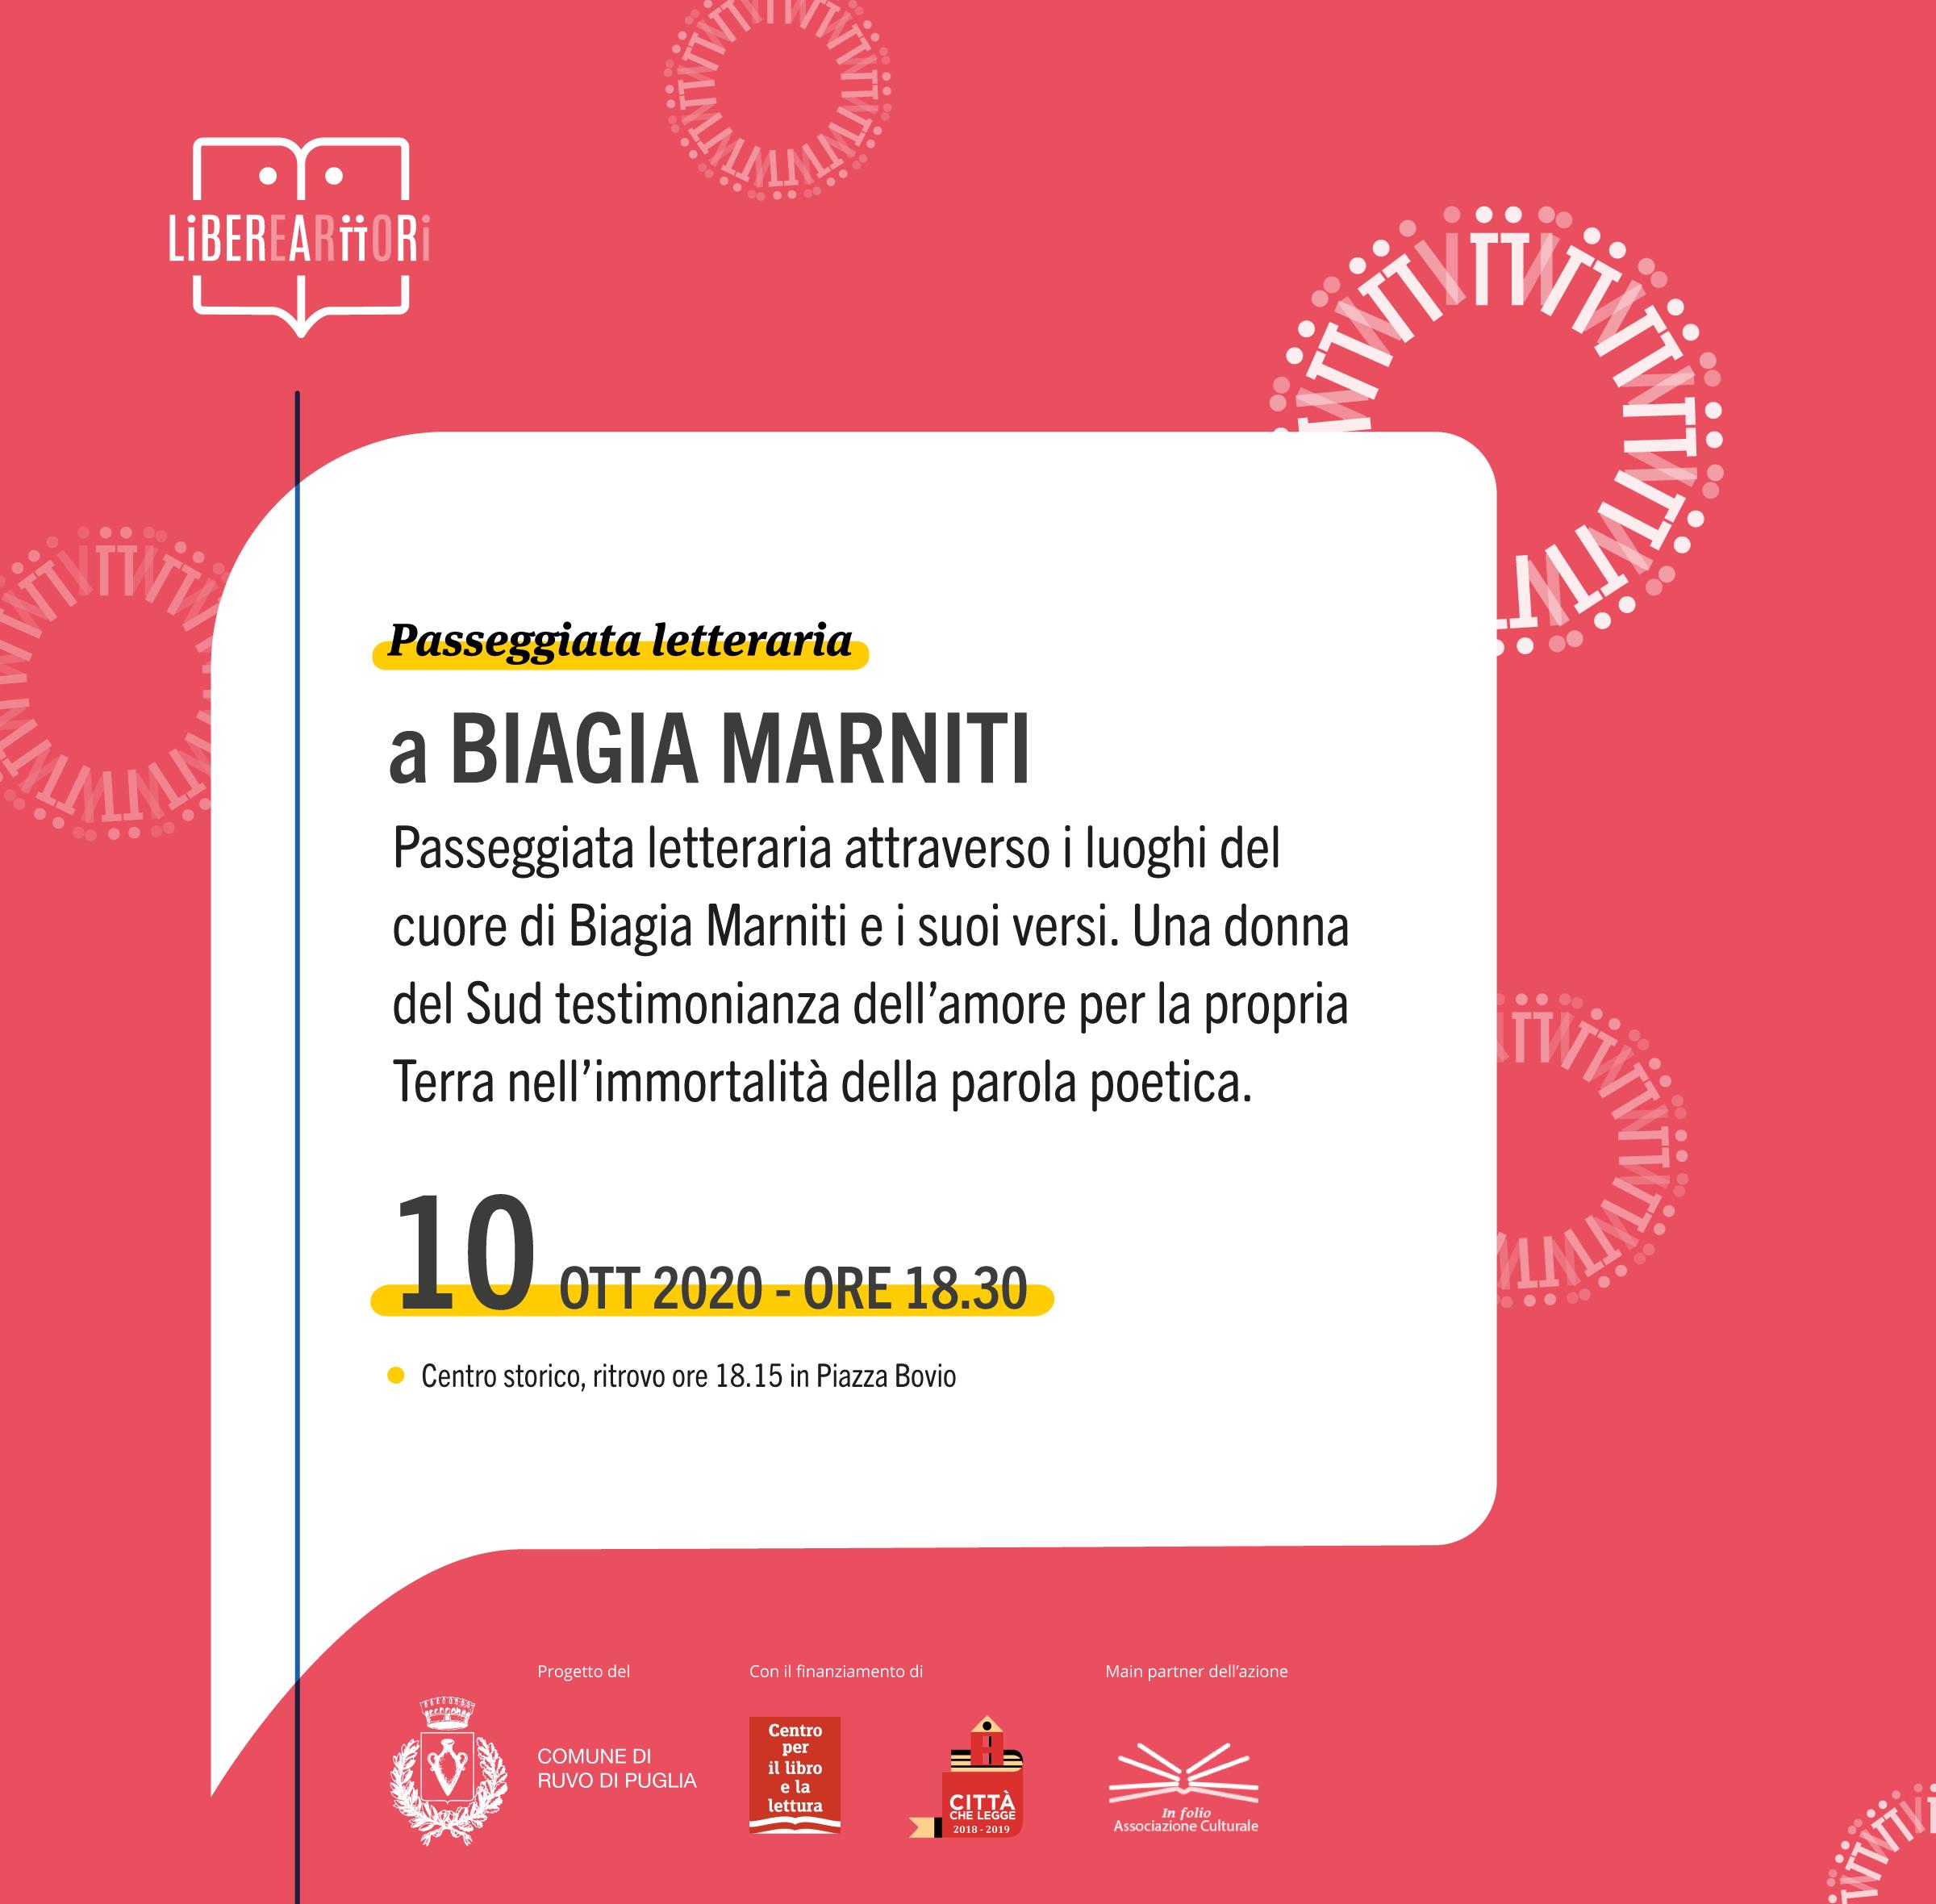 Ruvo Di Puglia Passeggiata Letteraria Nel Ricordo Di Biagia Marniti Noi Notizie